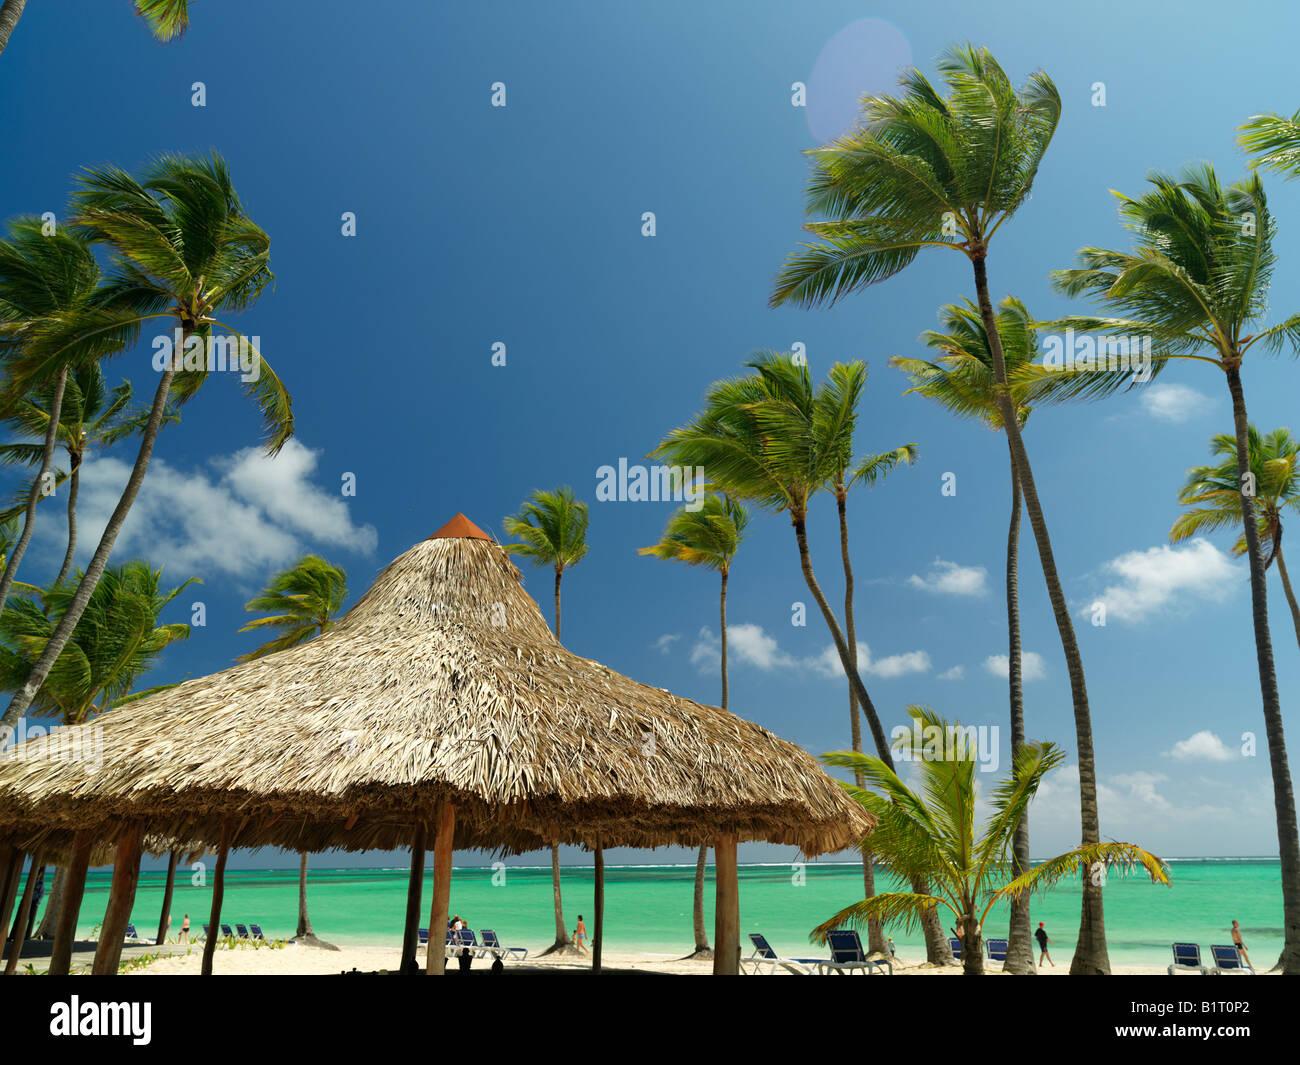 Dominikanische Republik Punta Cana Bavaro Strand Palmen und Palapa am weißen Sandstrand mit Blick aufs Meer Stockbild